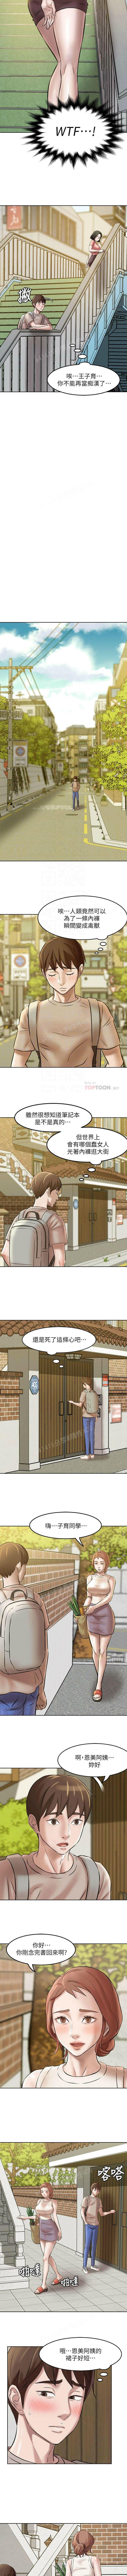 panty note 小褲褲筆記 小裤裤笔记 01-35 连载中 中文 重新排序 Reorder 21